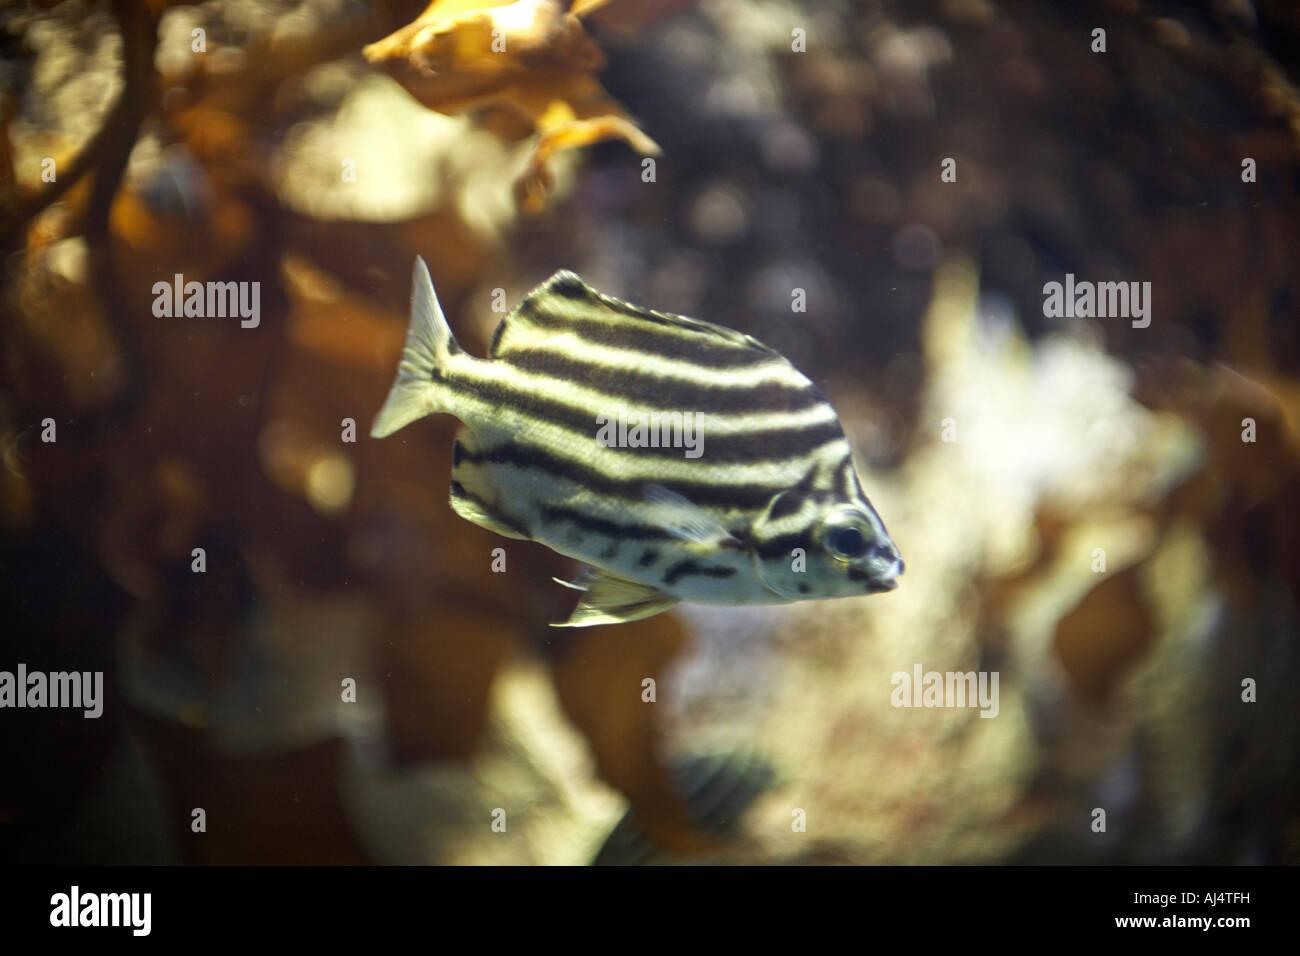 Stripey Microcanthus strigatus peces en el Acuario de Sydney Darling Harbour, Nueva Gales del Sur (NSW, Australia Imagen De Stock